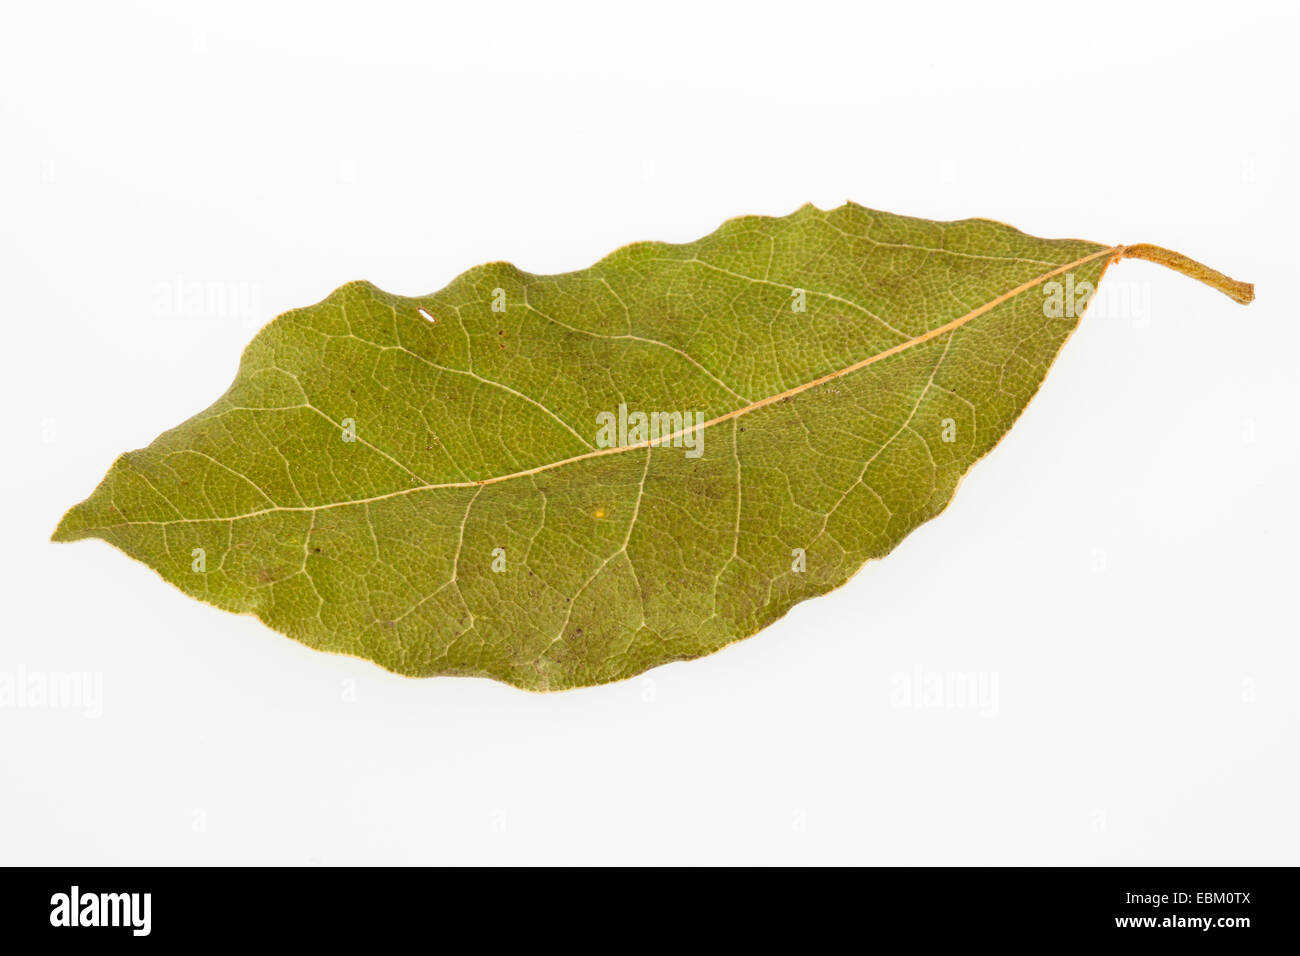 sweet bay laurel, bay tree, sweet bay (Laurus nobilis), dried leaf of sweet bay - Stock Image